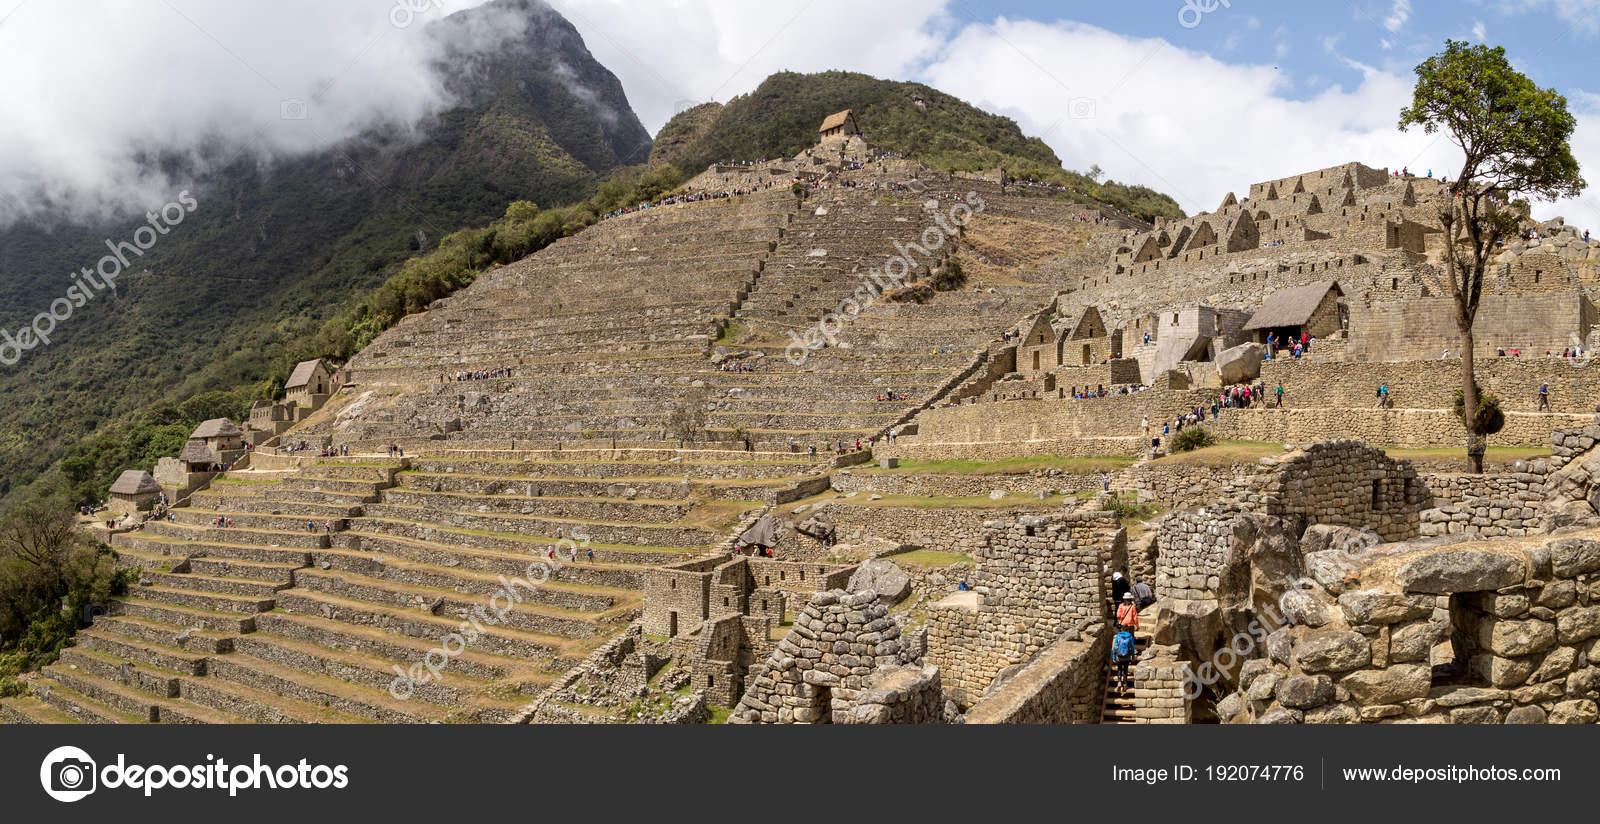 Ruinas Incas De Machu Picchu Foto Editorial De Stock